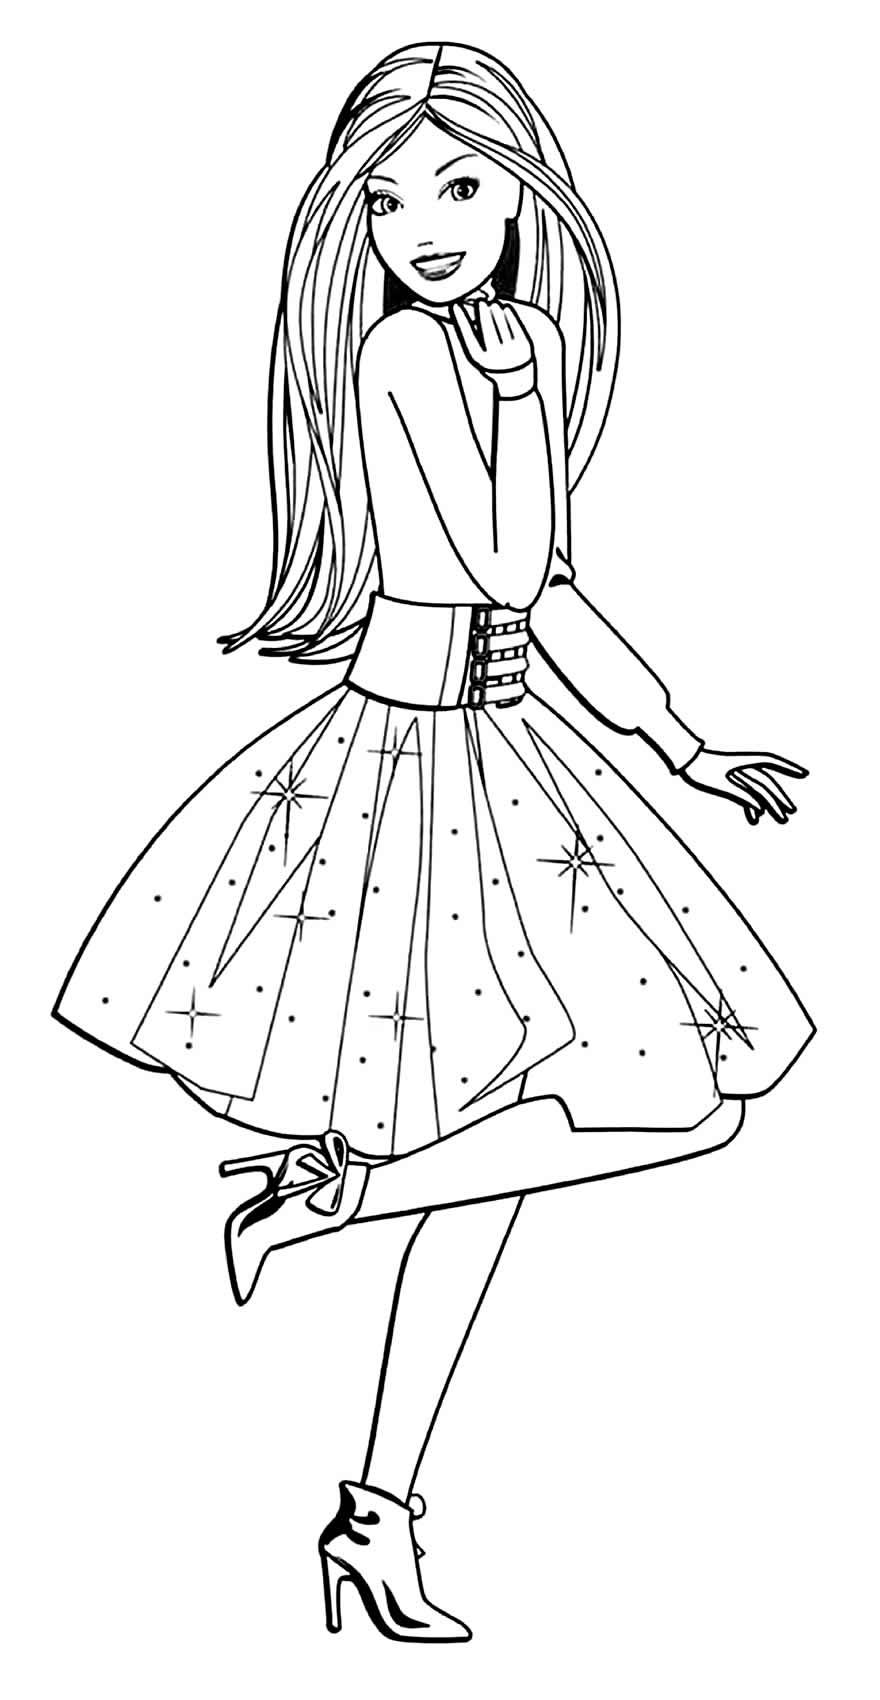 Desenho bonito da Barbie para pintar